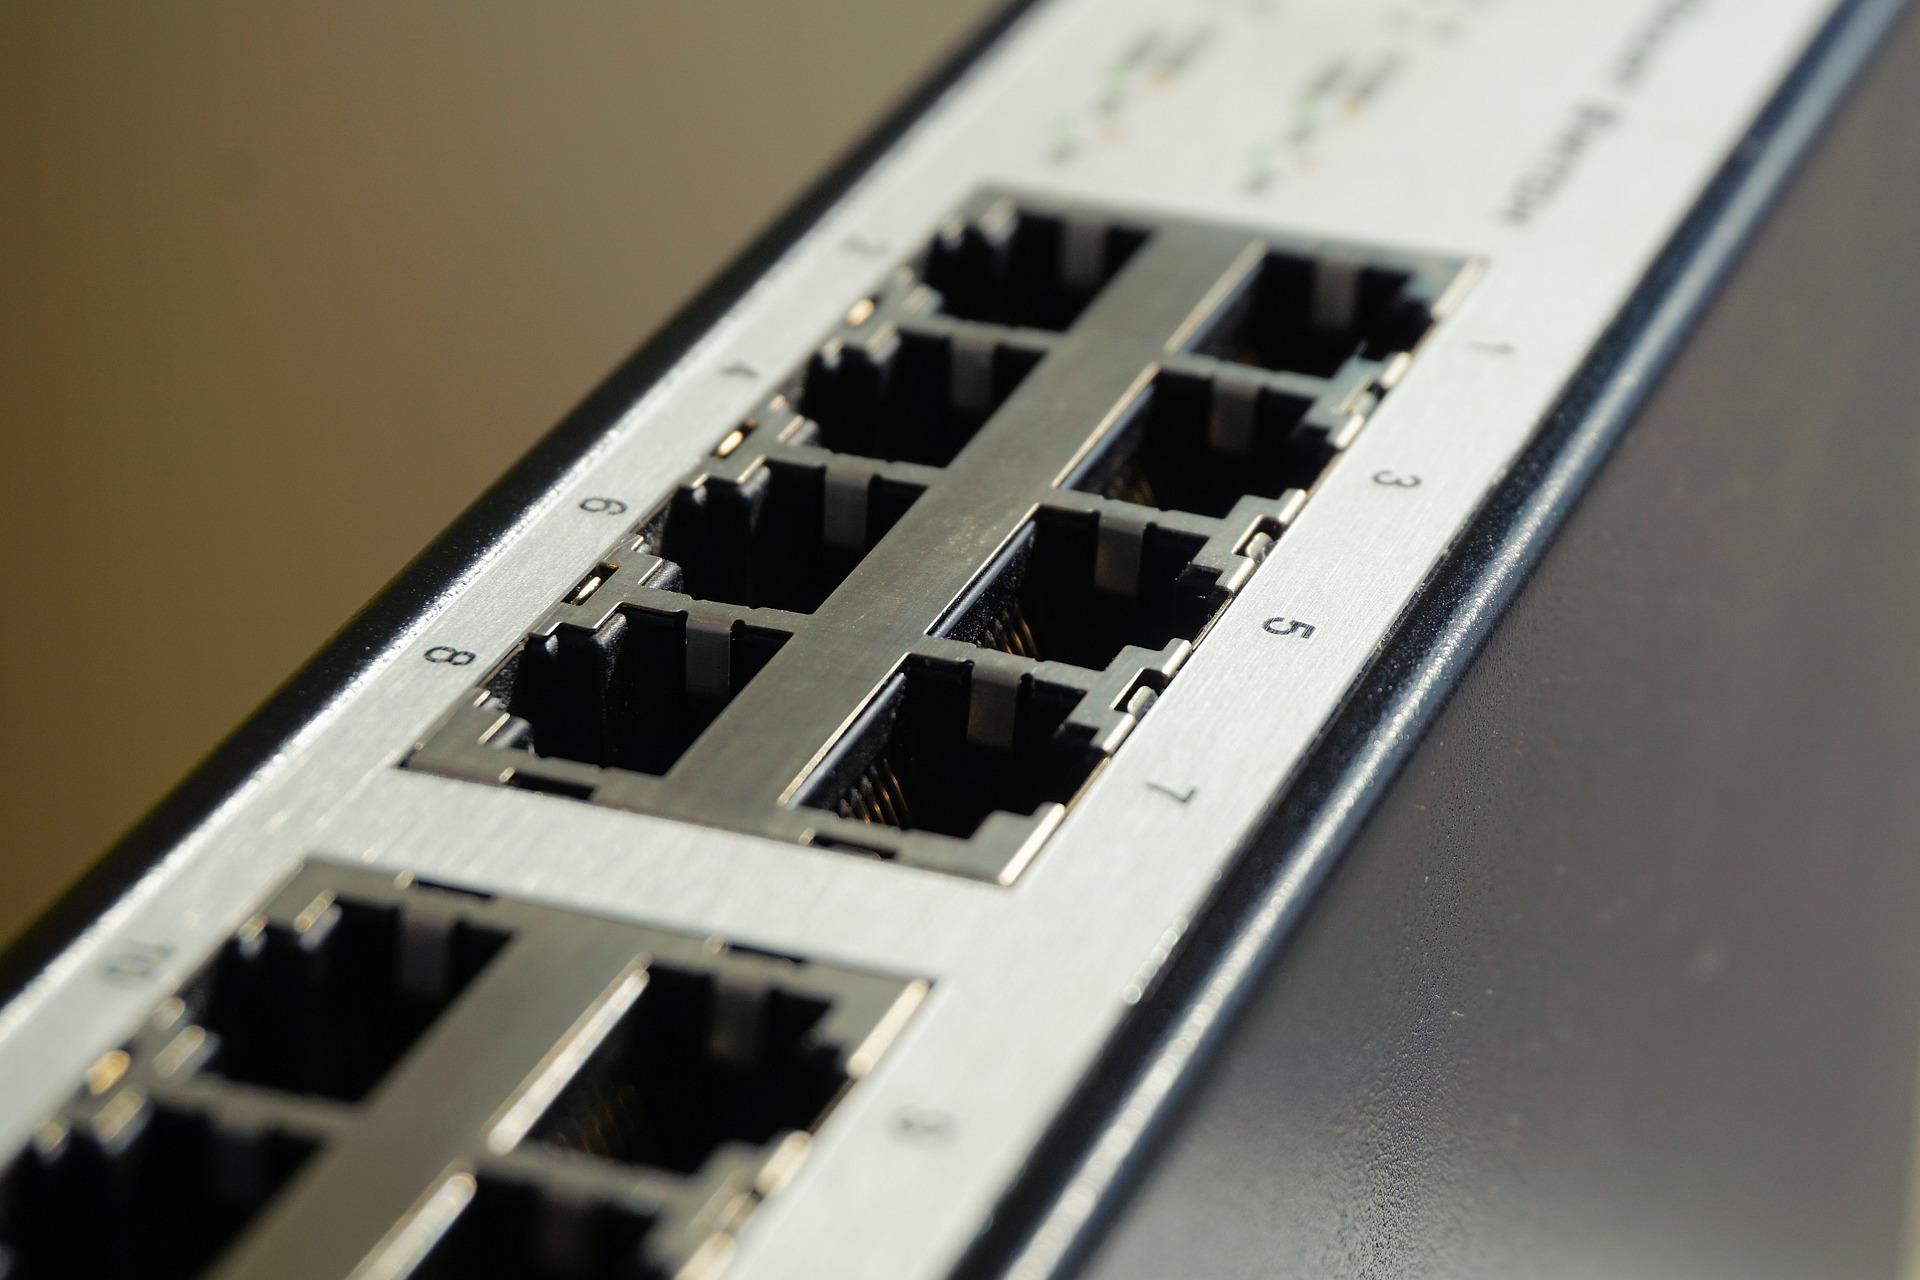 Imagem mostra um switch de rede em destaque.